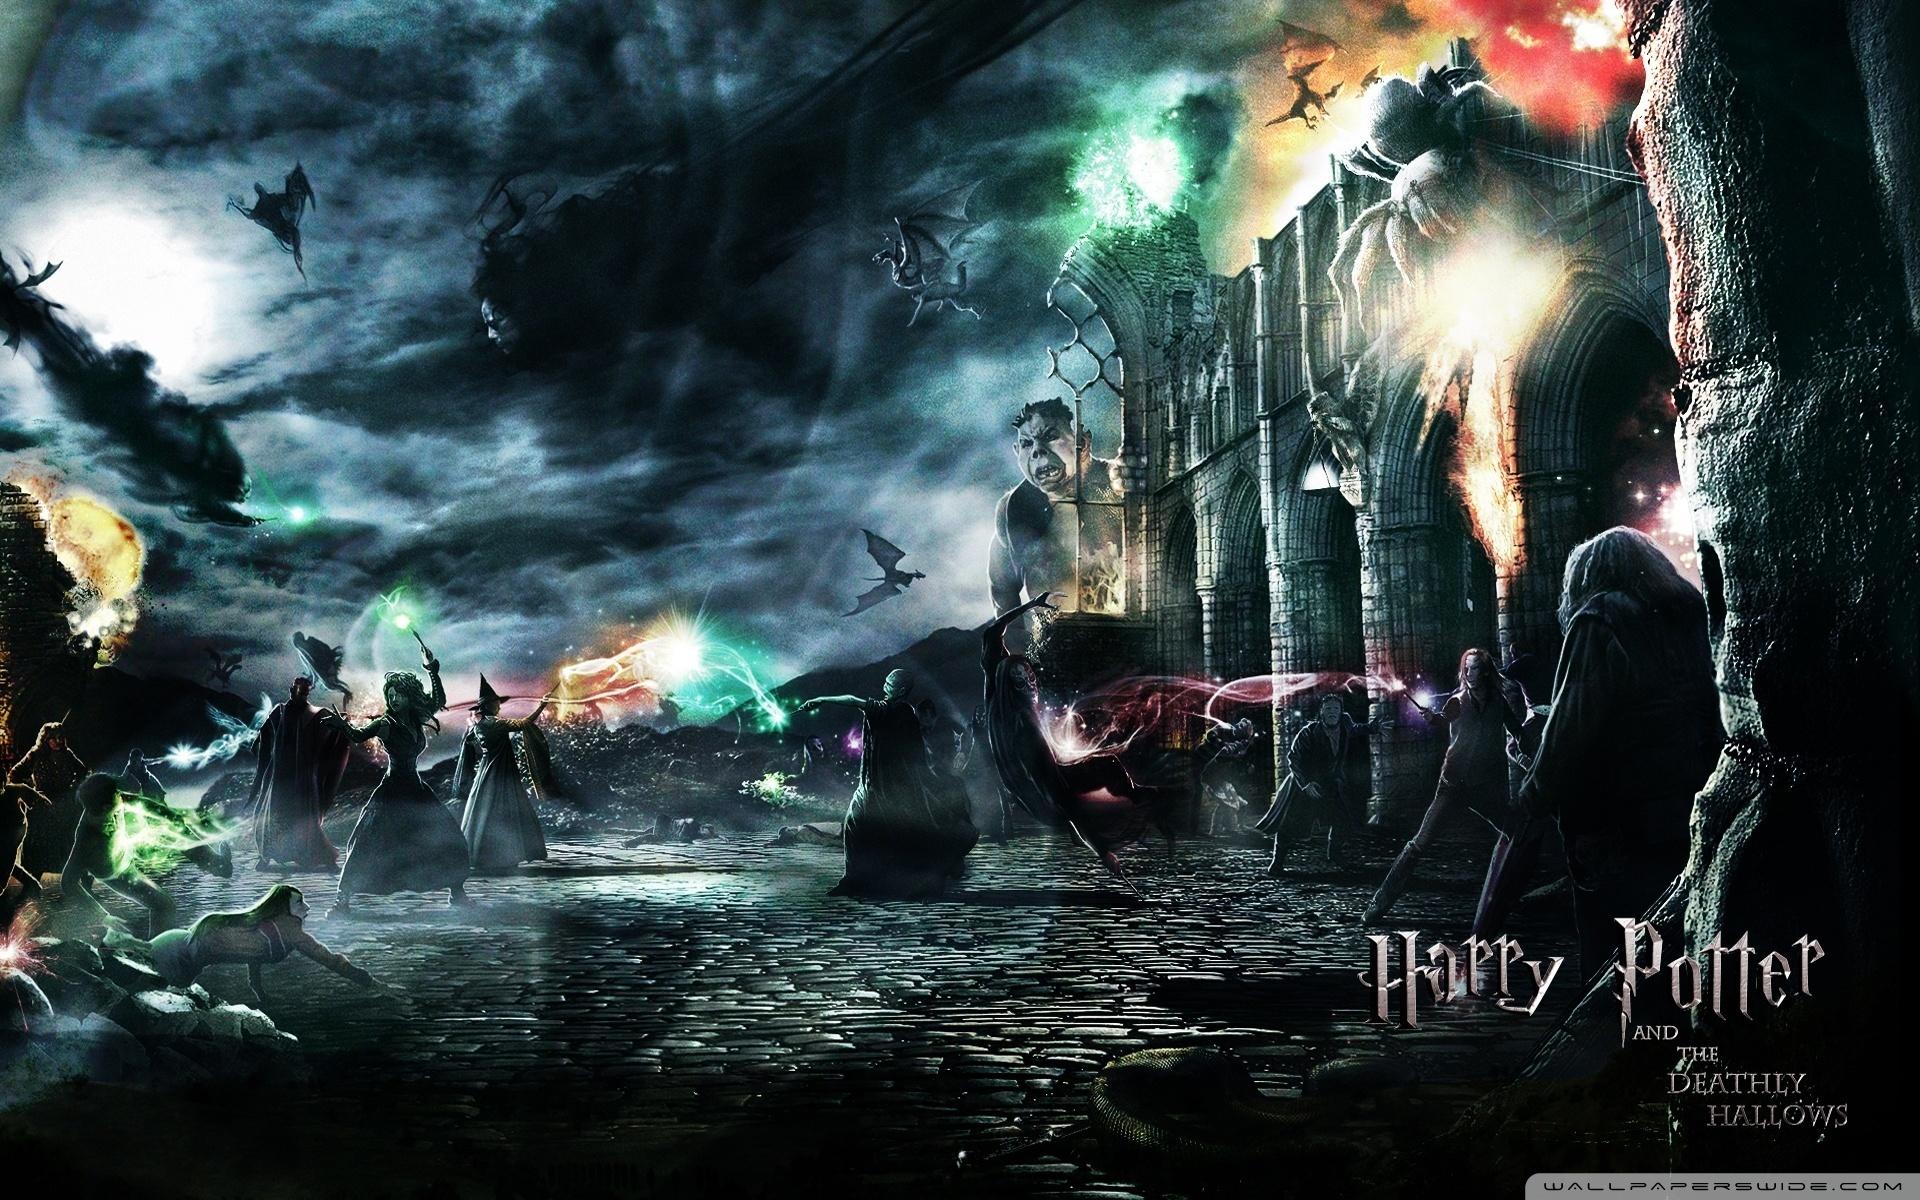 Wallpapers Id Harry Potter Wallpaper 4k 284760 Hd